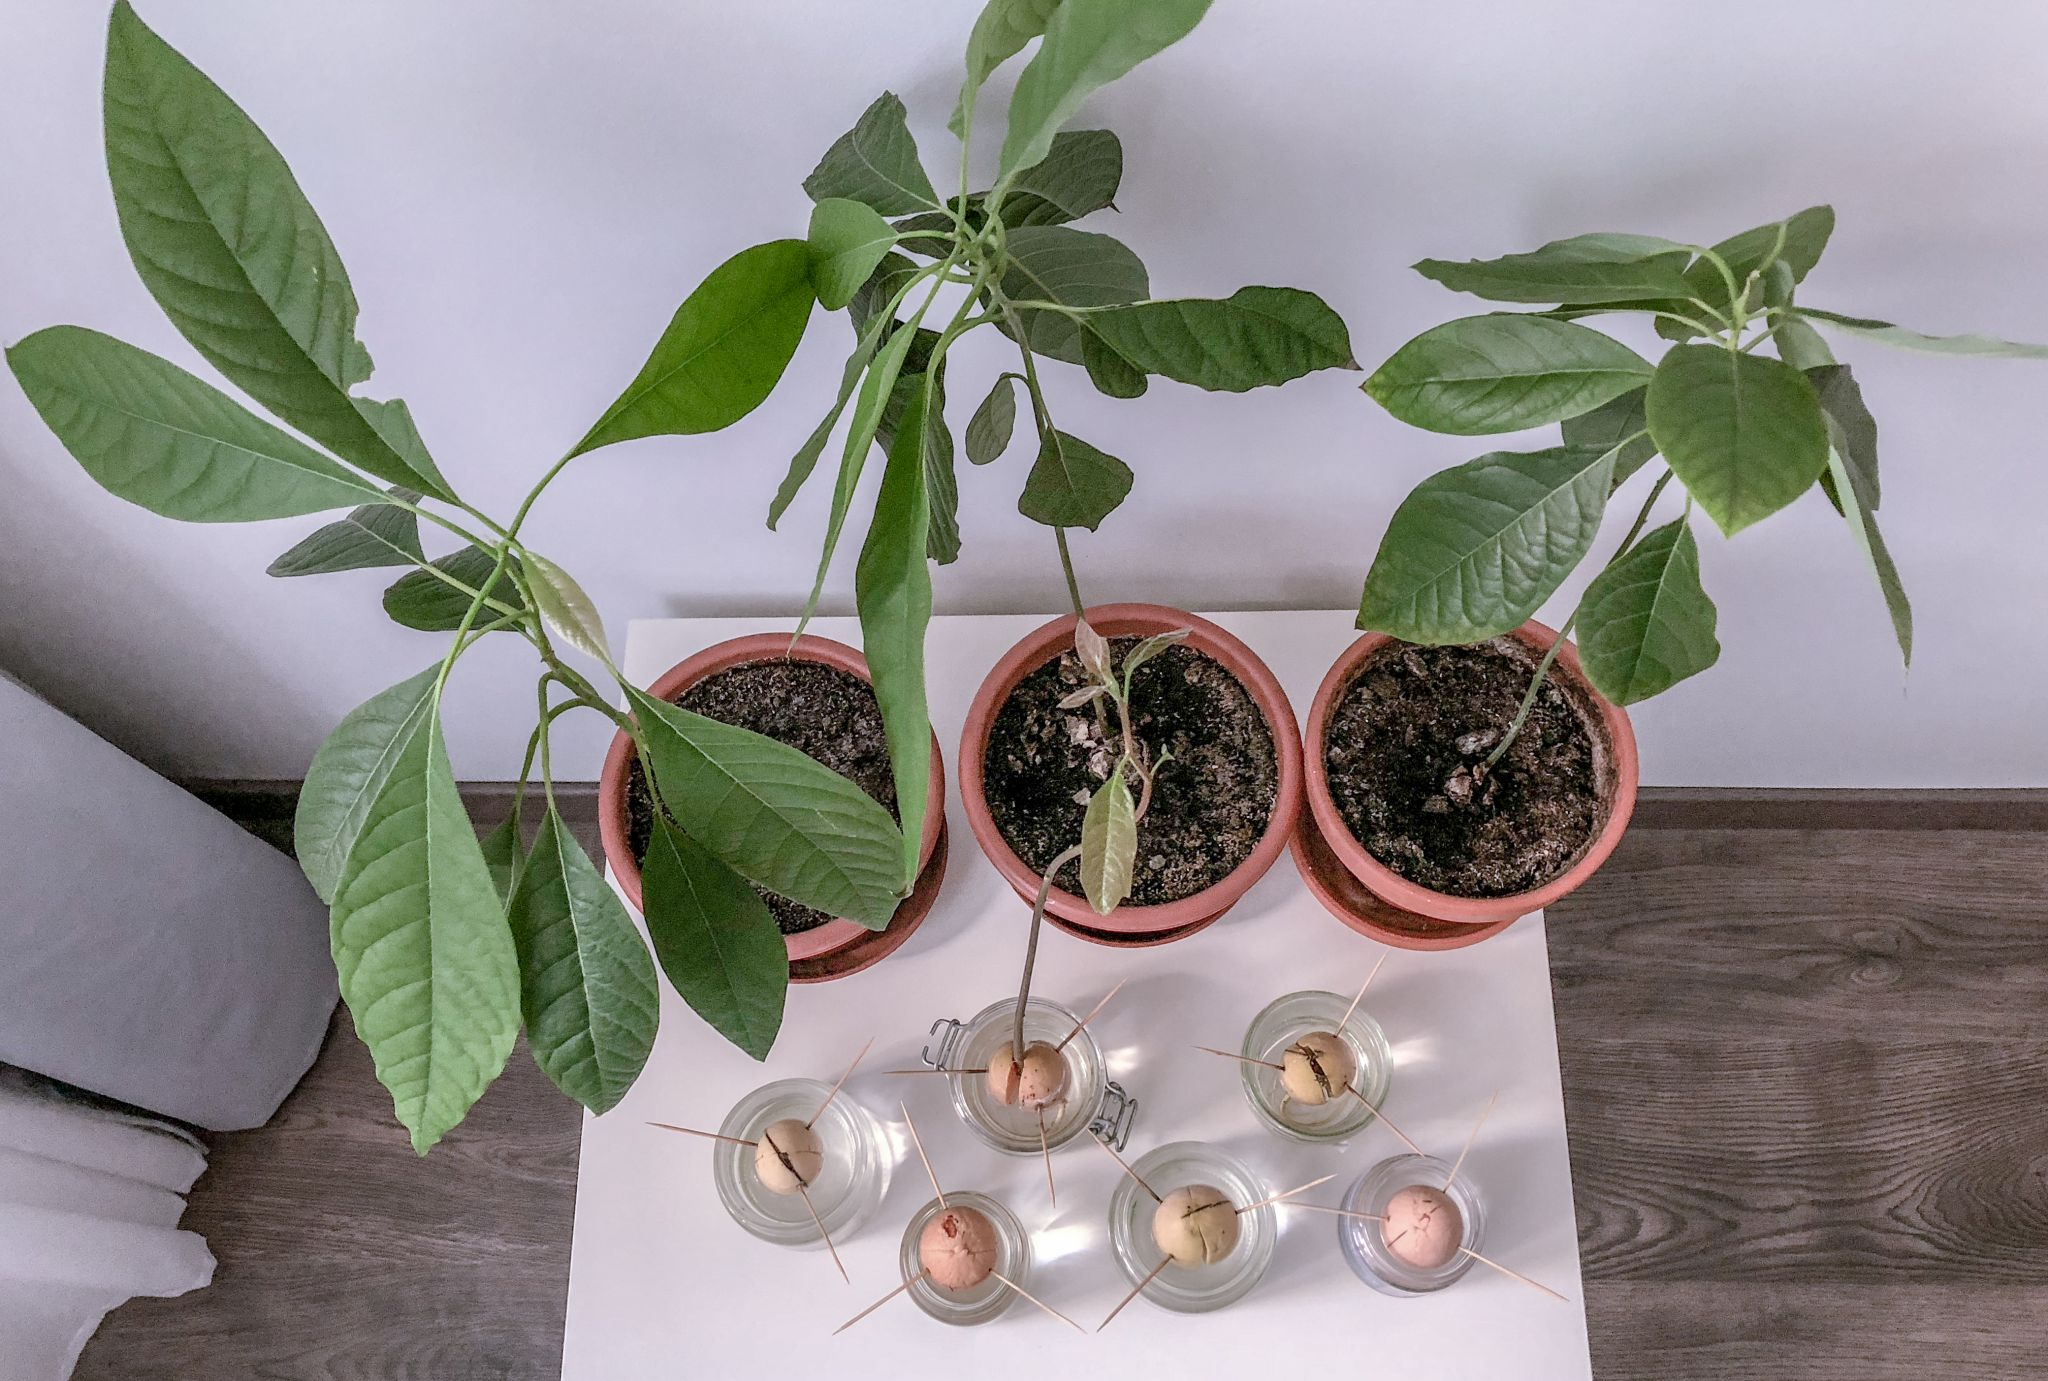 Keříky vypěstovaného avokáda